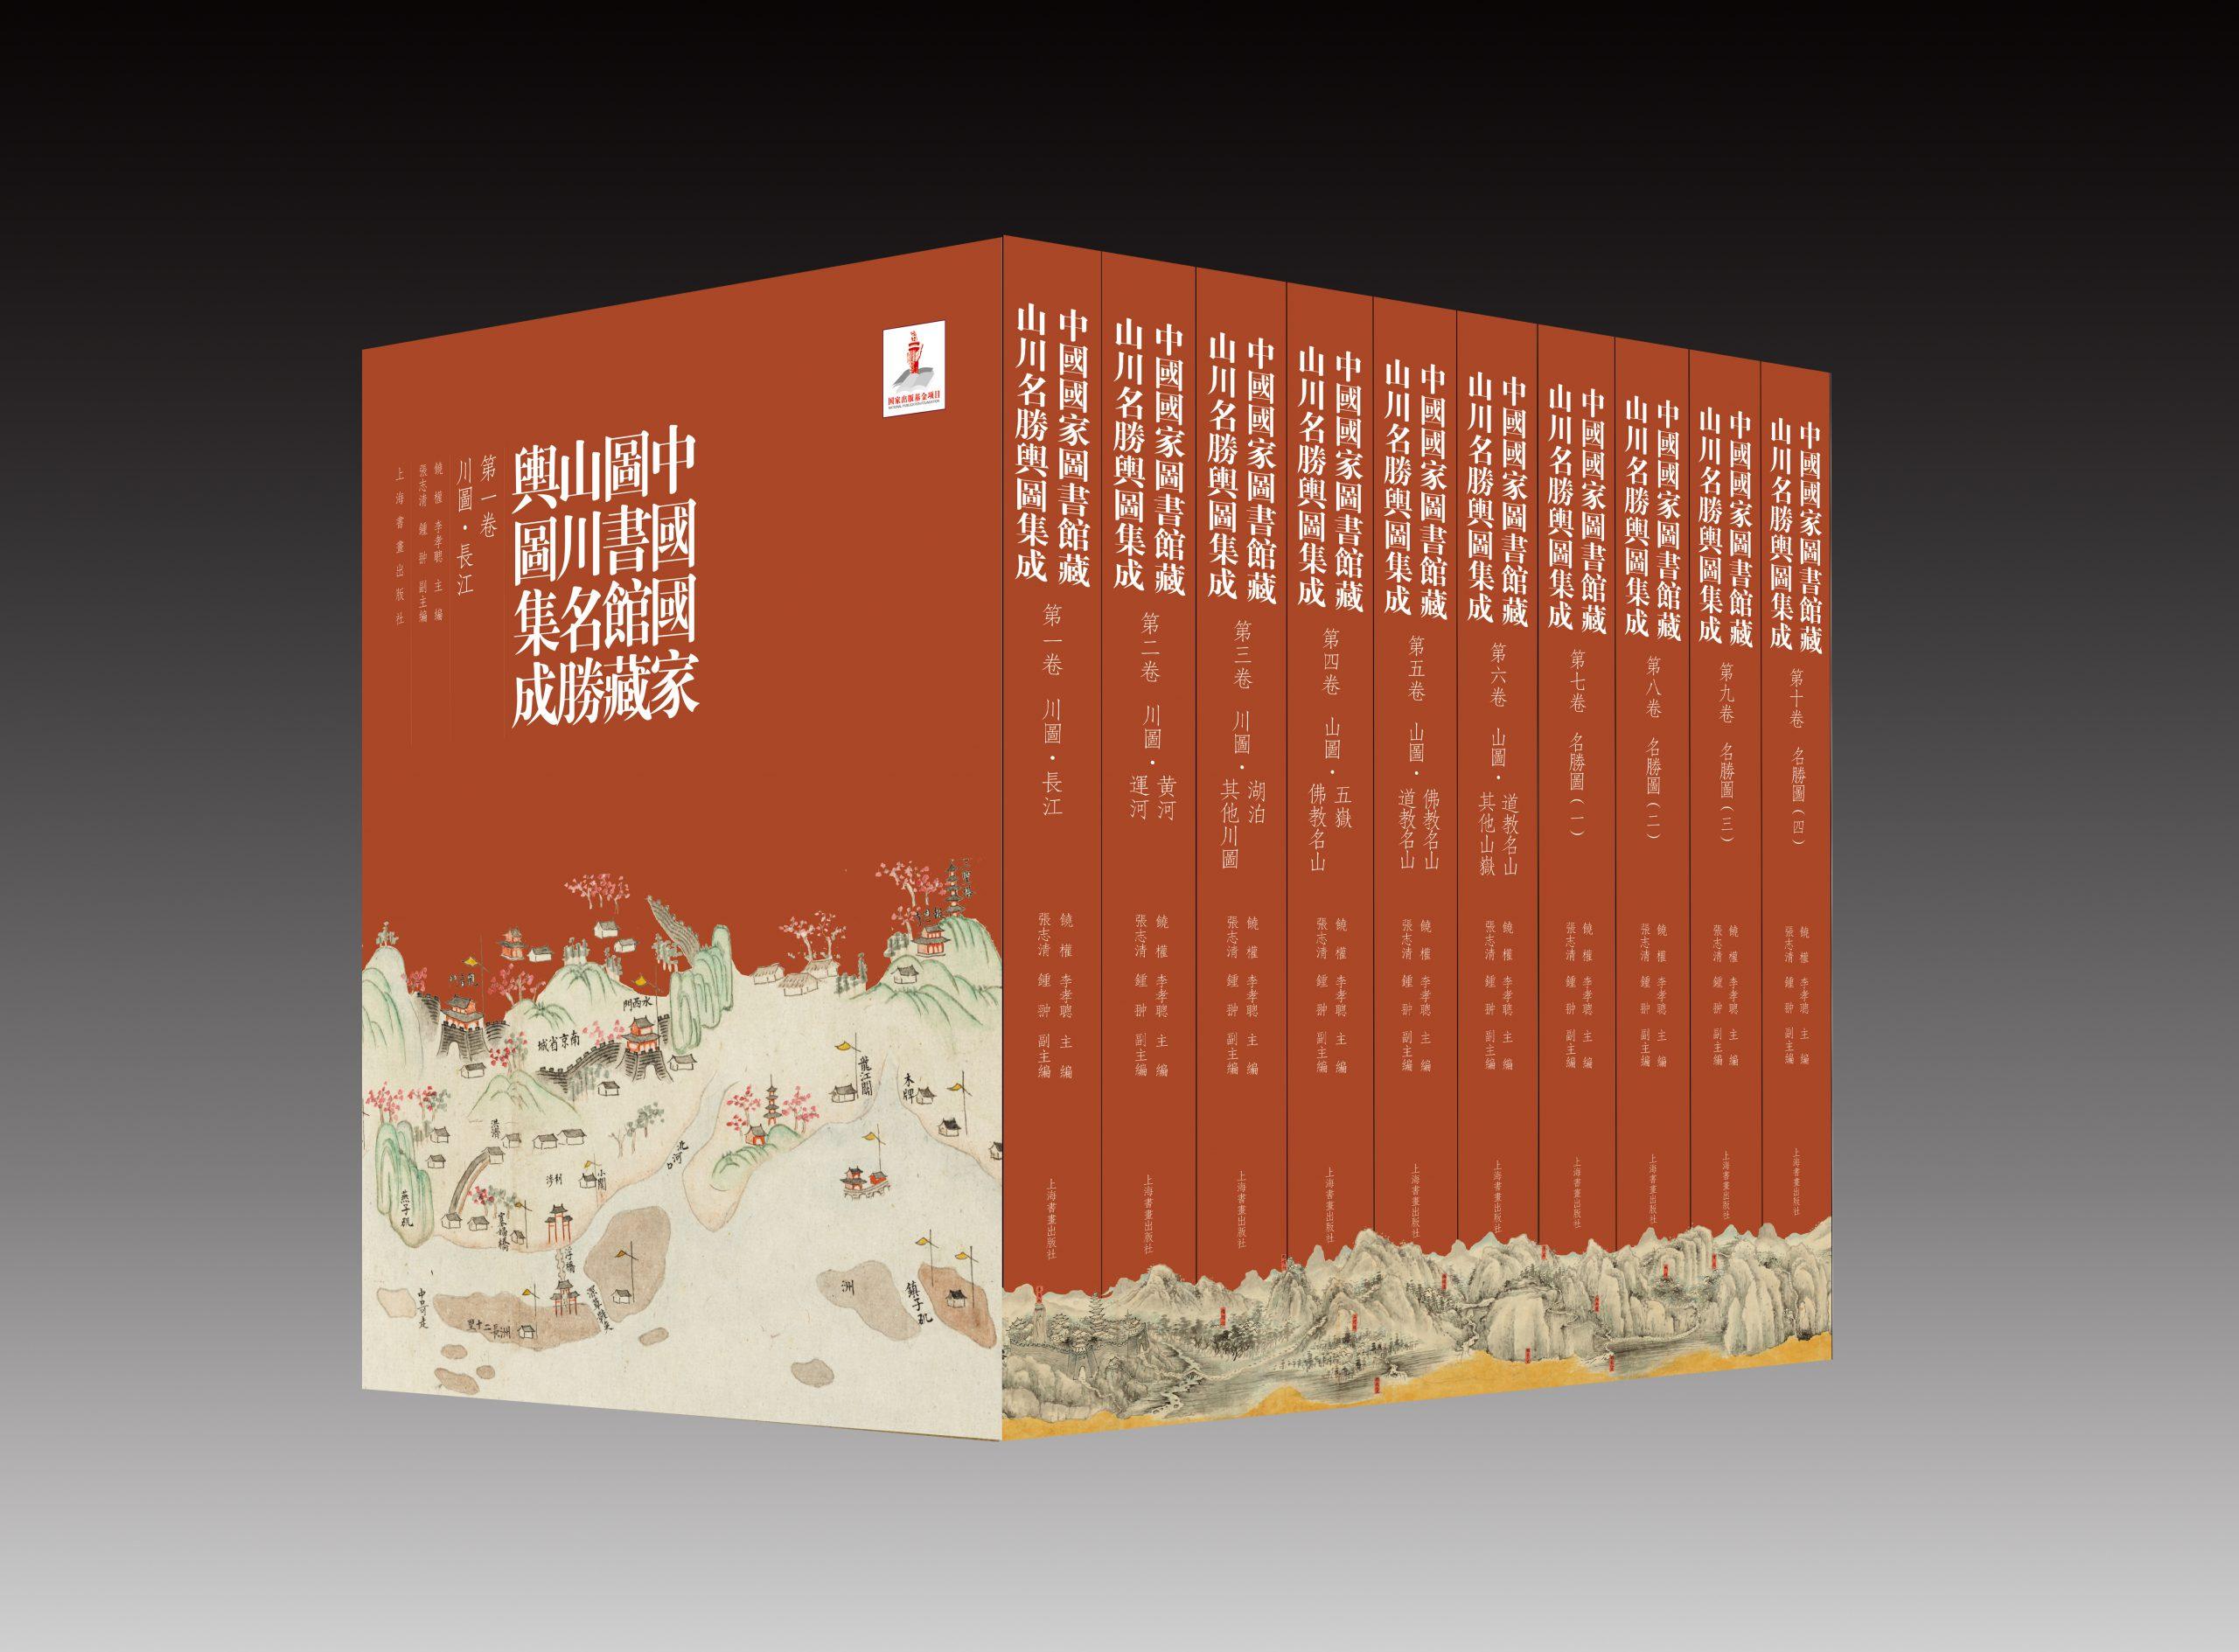 《中国国家图书馆藏山川名胜舆图集成》2021年5月全球首发,填补古代历史地理与中国传统文化研究领域空白